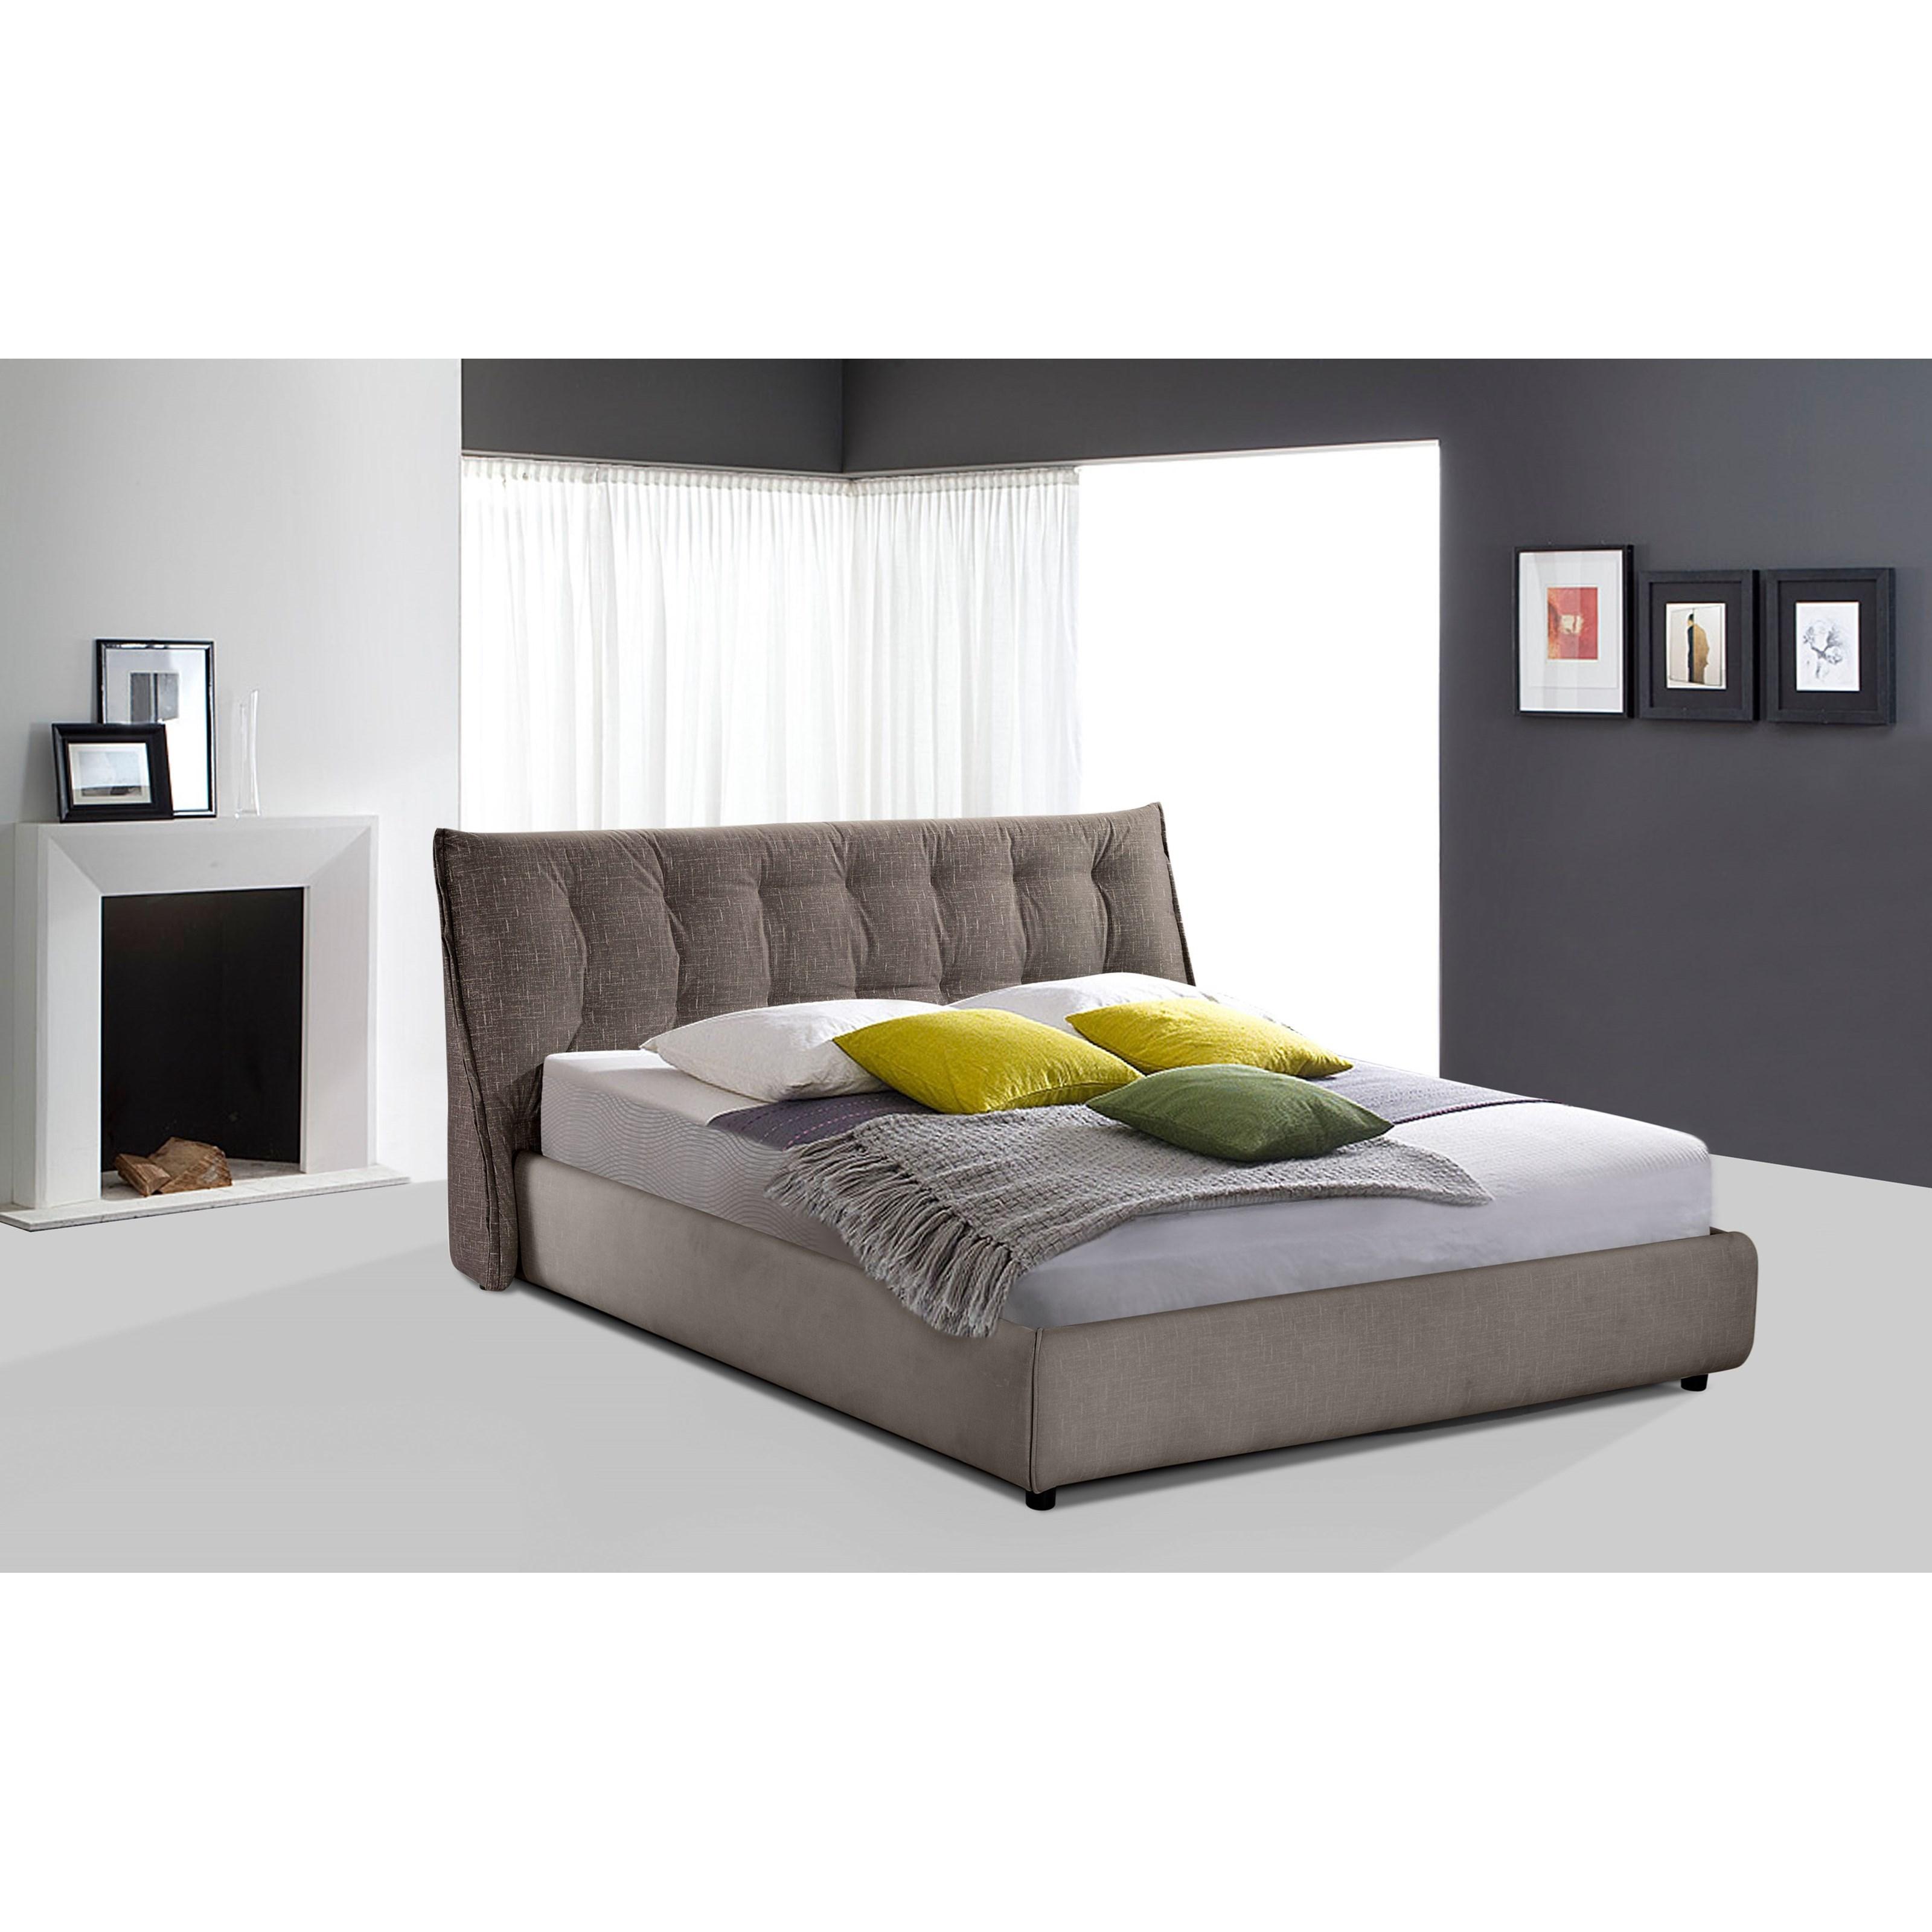 Diamond Sofa Ashton King Bed - Item Number: ASHTONEKBEDGR